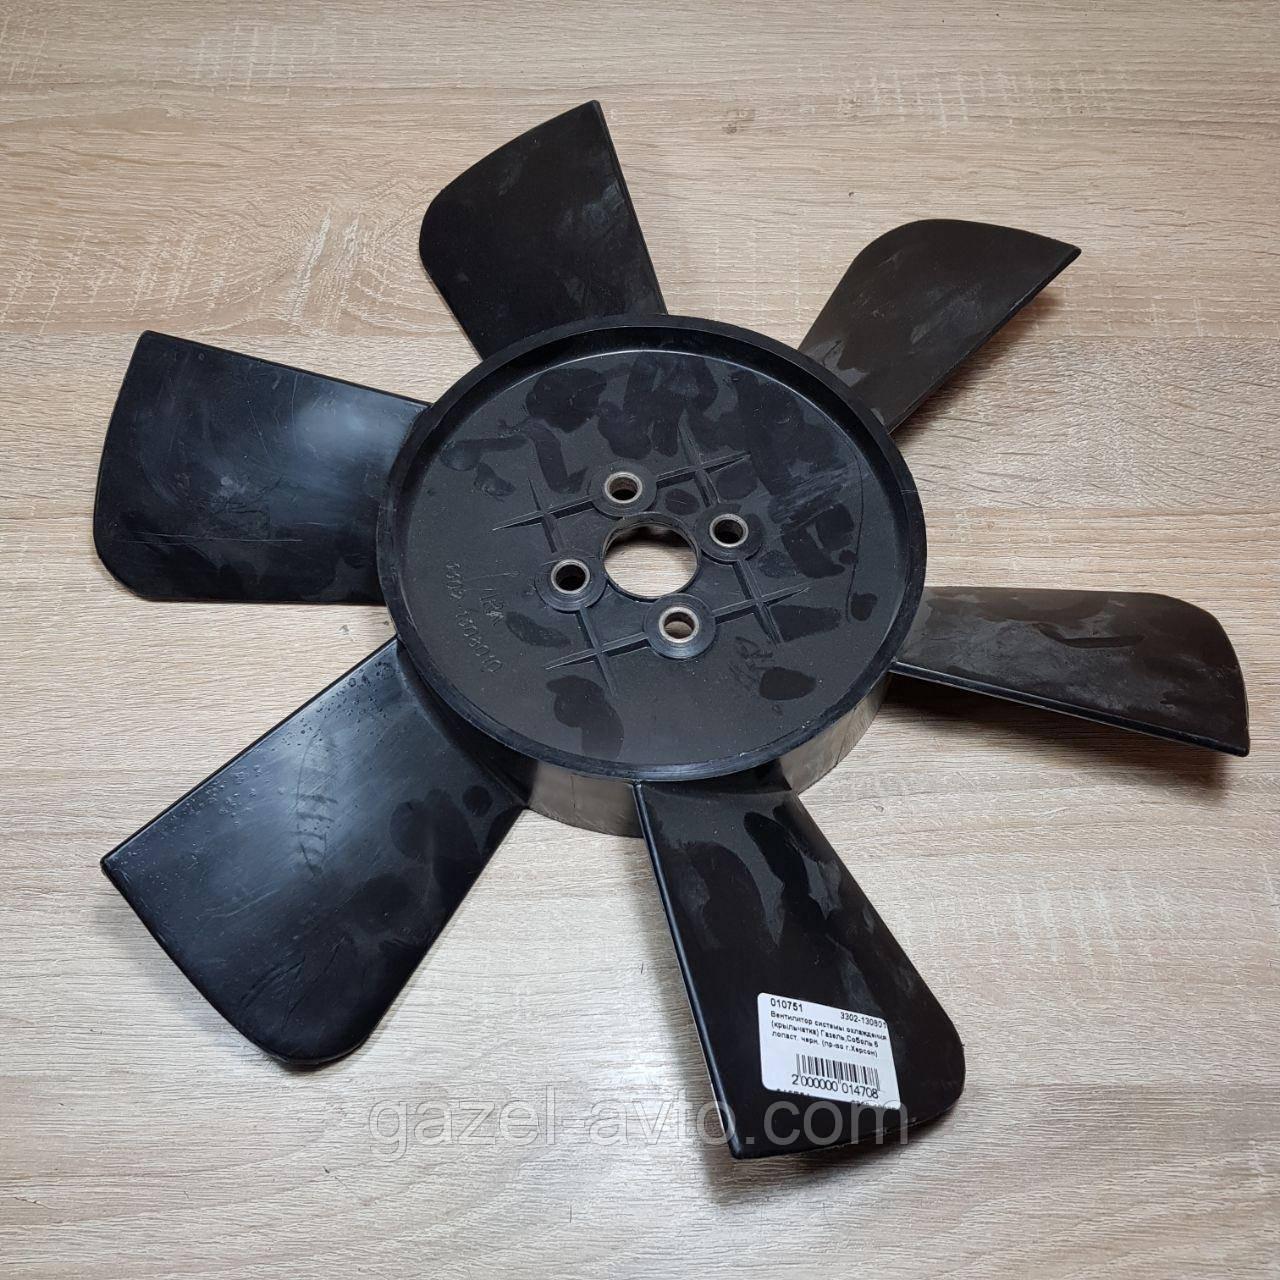 Вентилятор системы охлаждения (крыльчатка) Газель,Соболь 6 лопастной черный (пр-во Херсон)